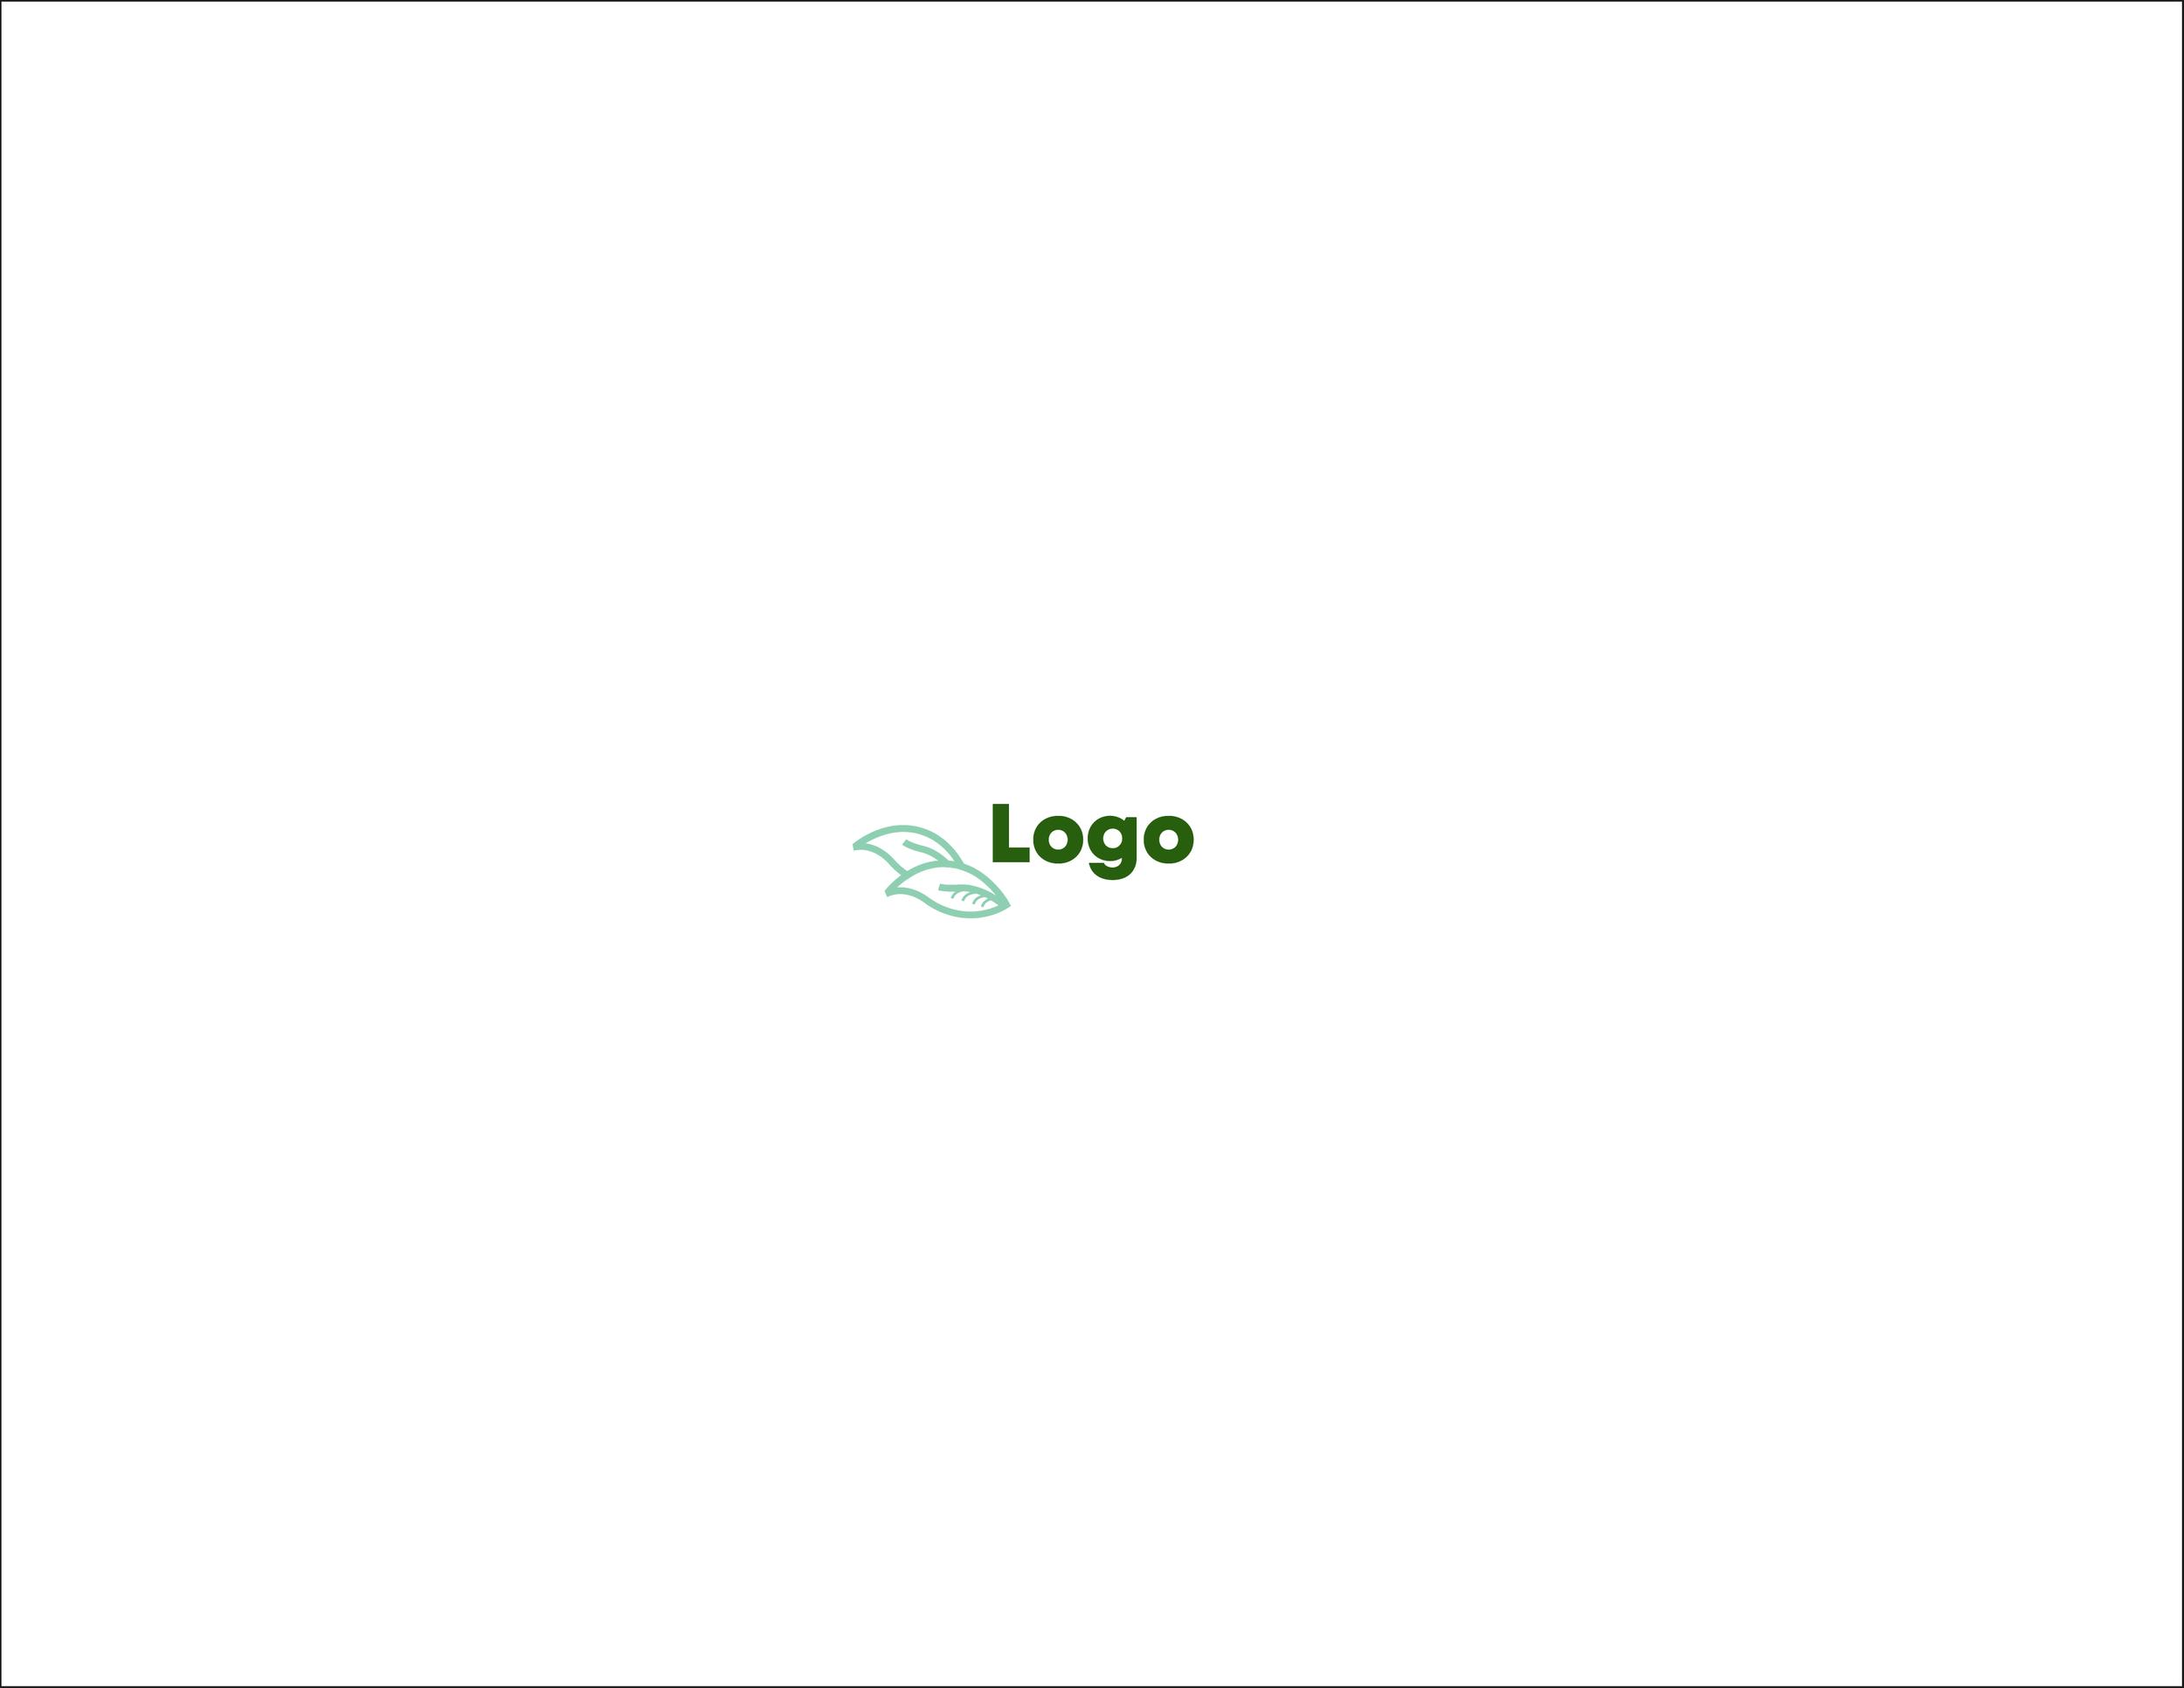 EMPOC-logo_Logo Guidelines.png